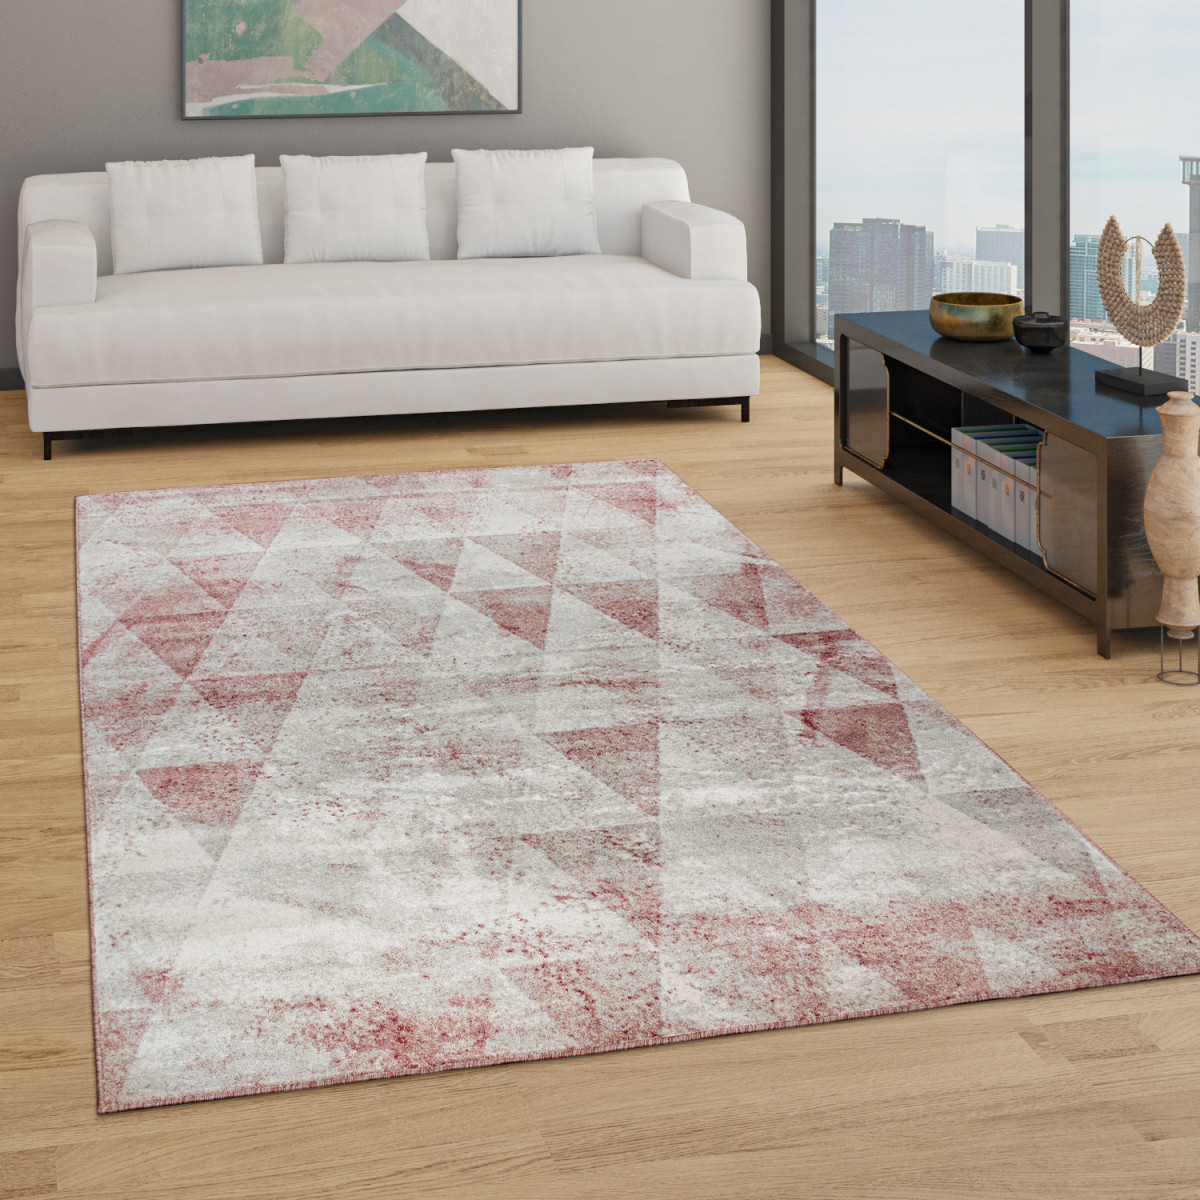 Teppich Wohnzimmer Kurzflor Boho Vintage Design Rauten Muster In Grau Rot von Teppich Wohnzimmer Rot Photo